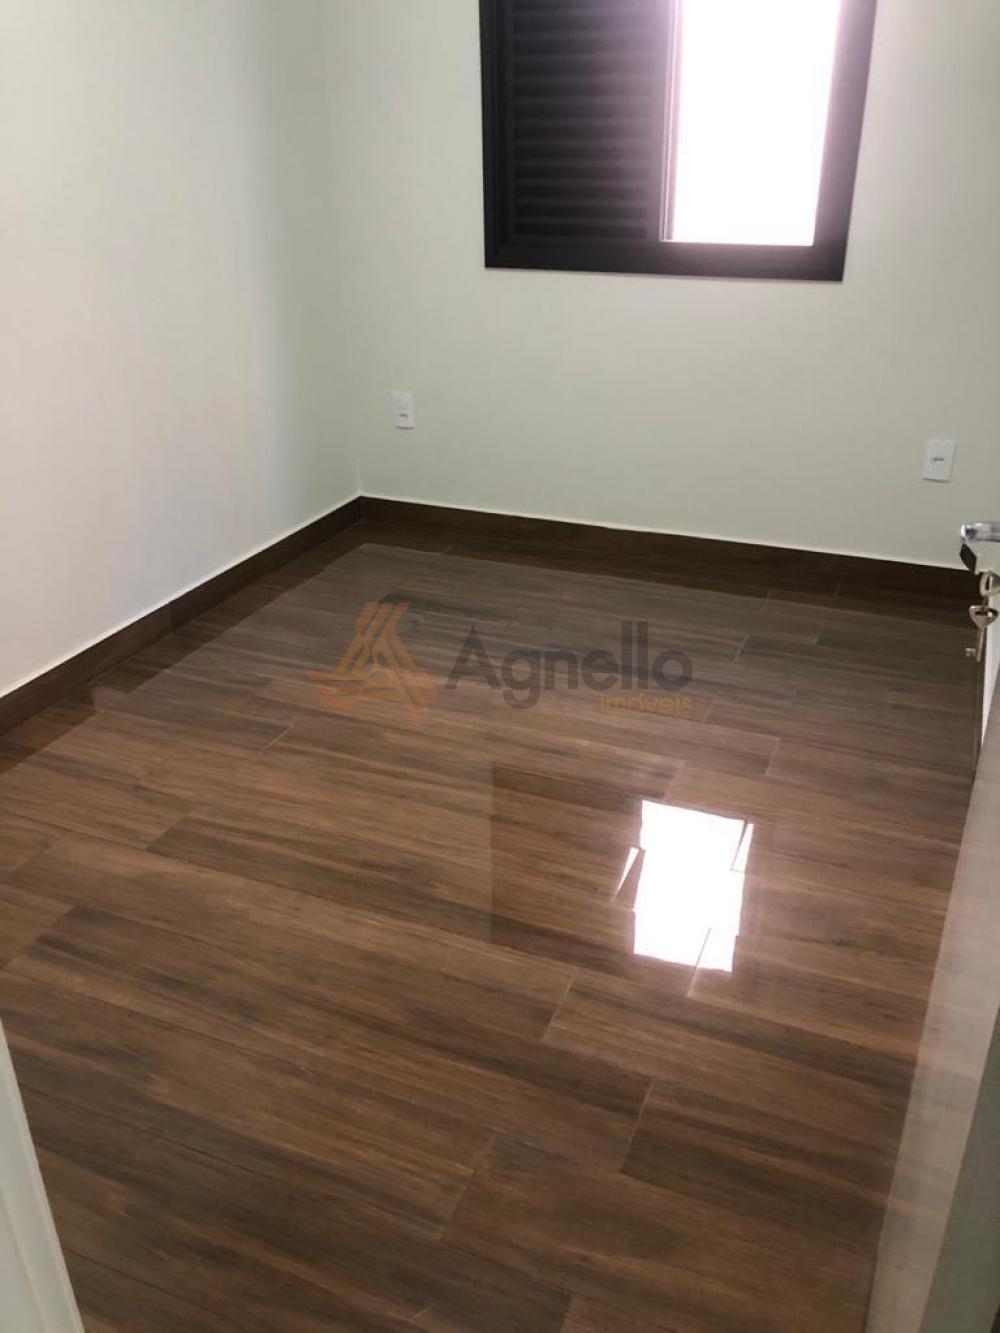 Comprar Apartamento / Cobertura em Franca apenas R$ 680.000,00 - Foto 10